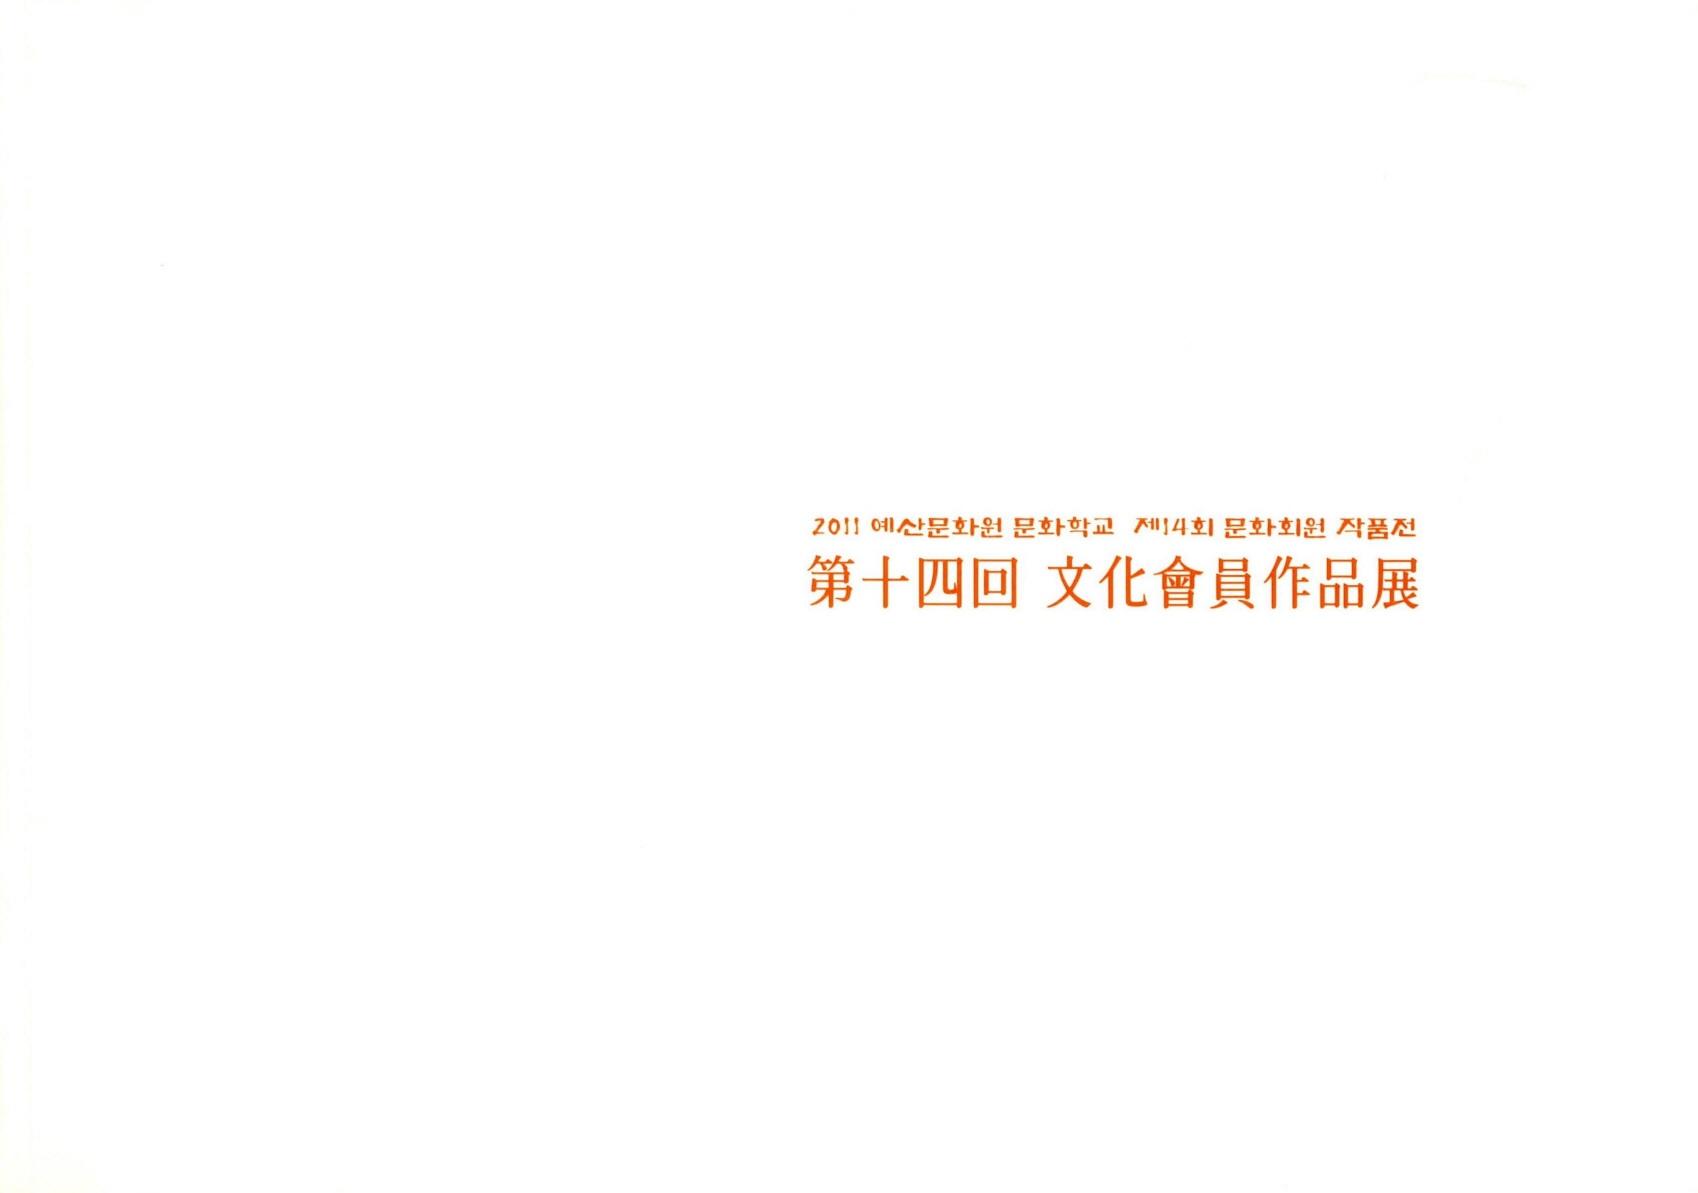 2011 예산문화원 문화학교 제14회 문화회원 작품전